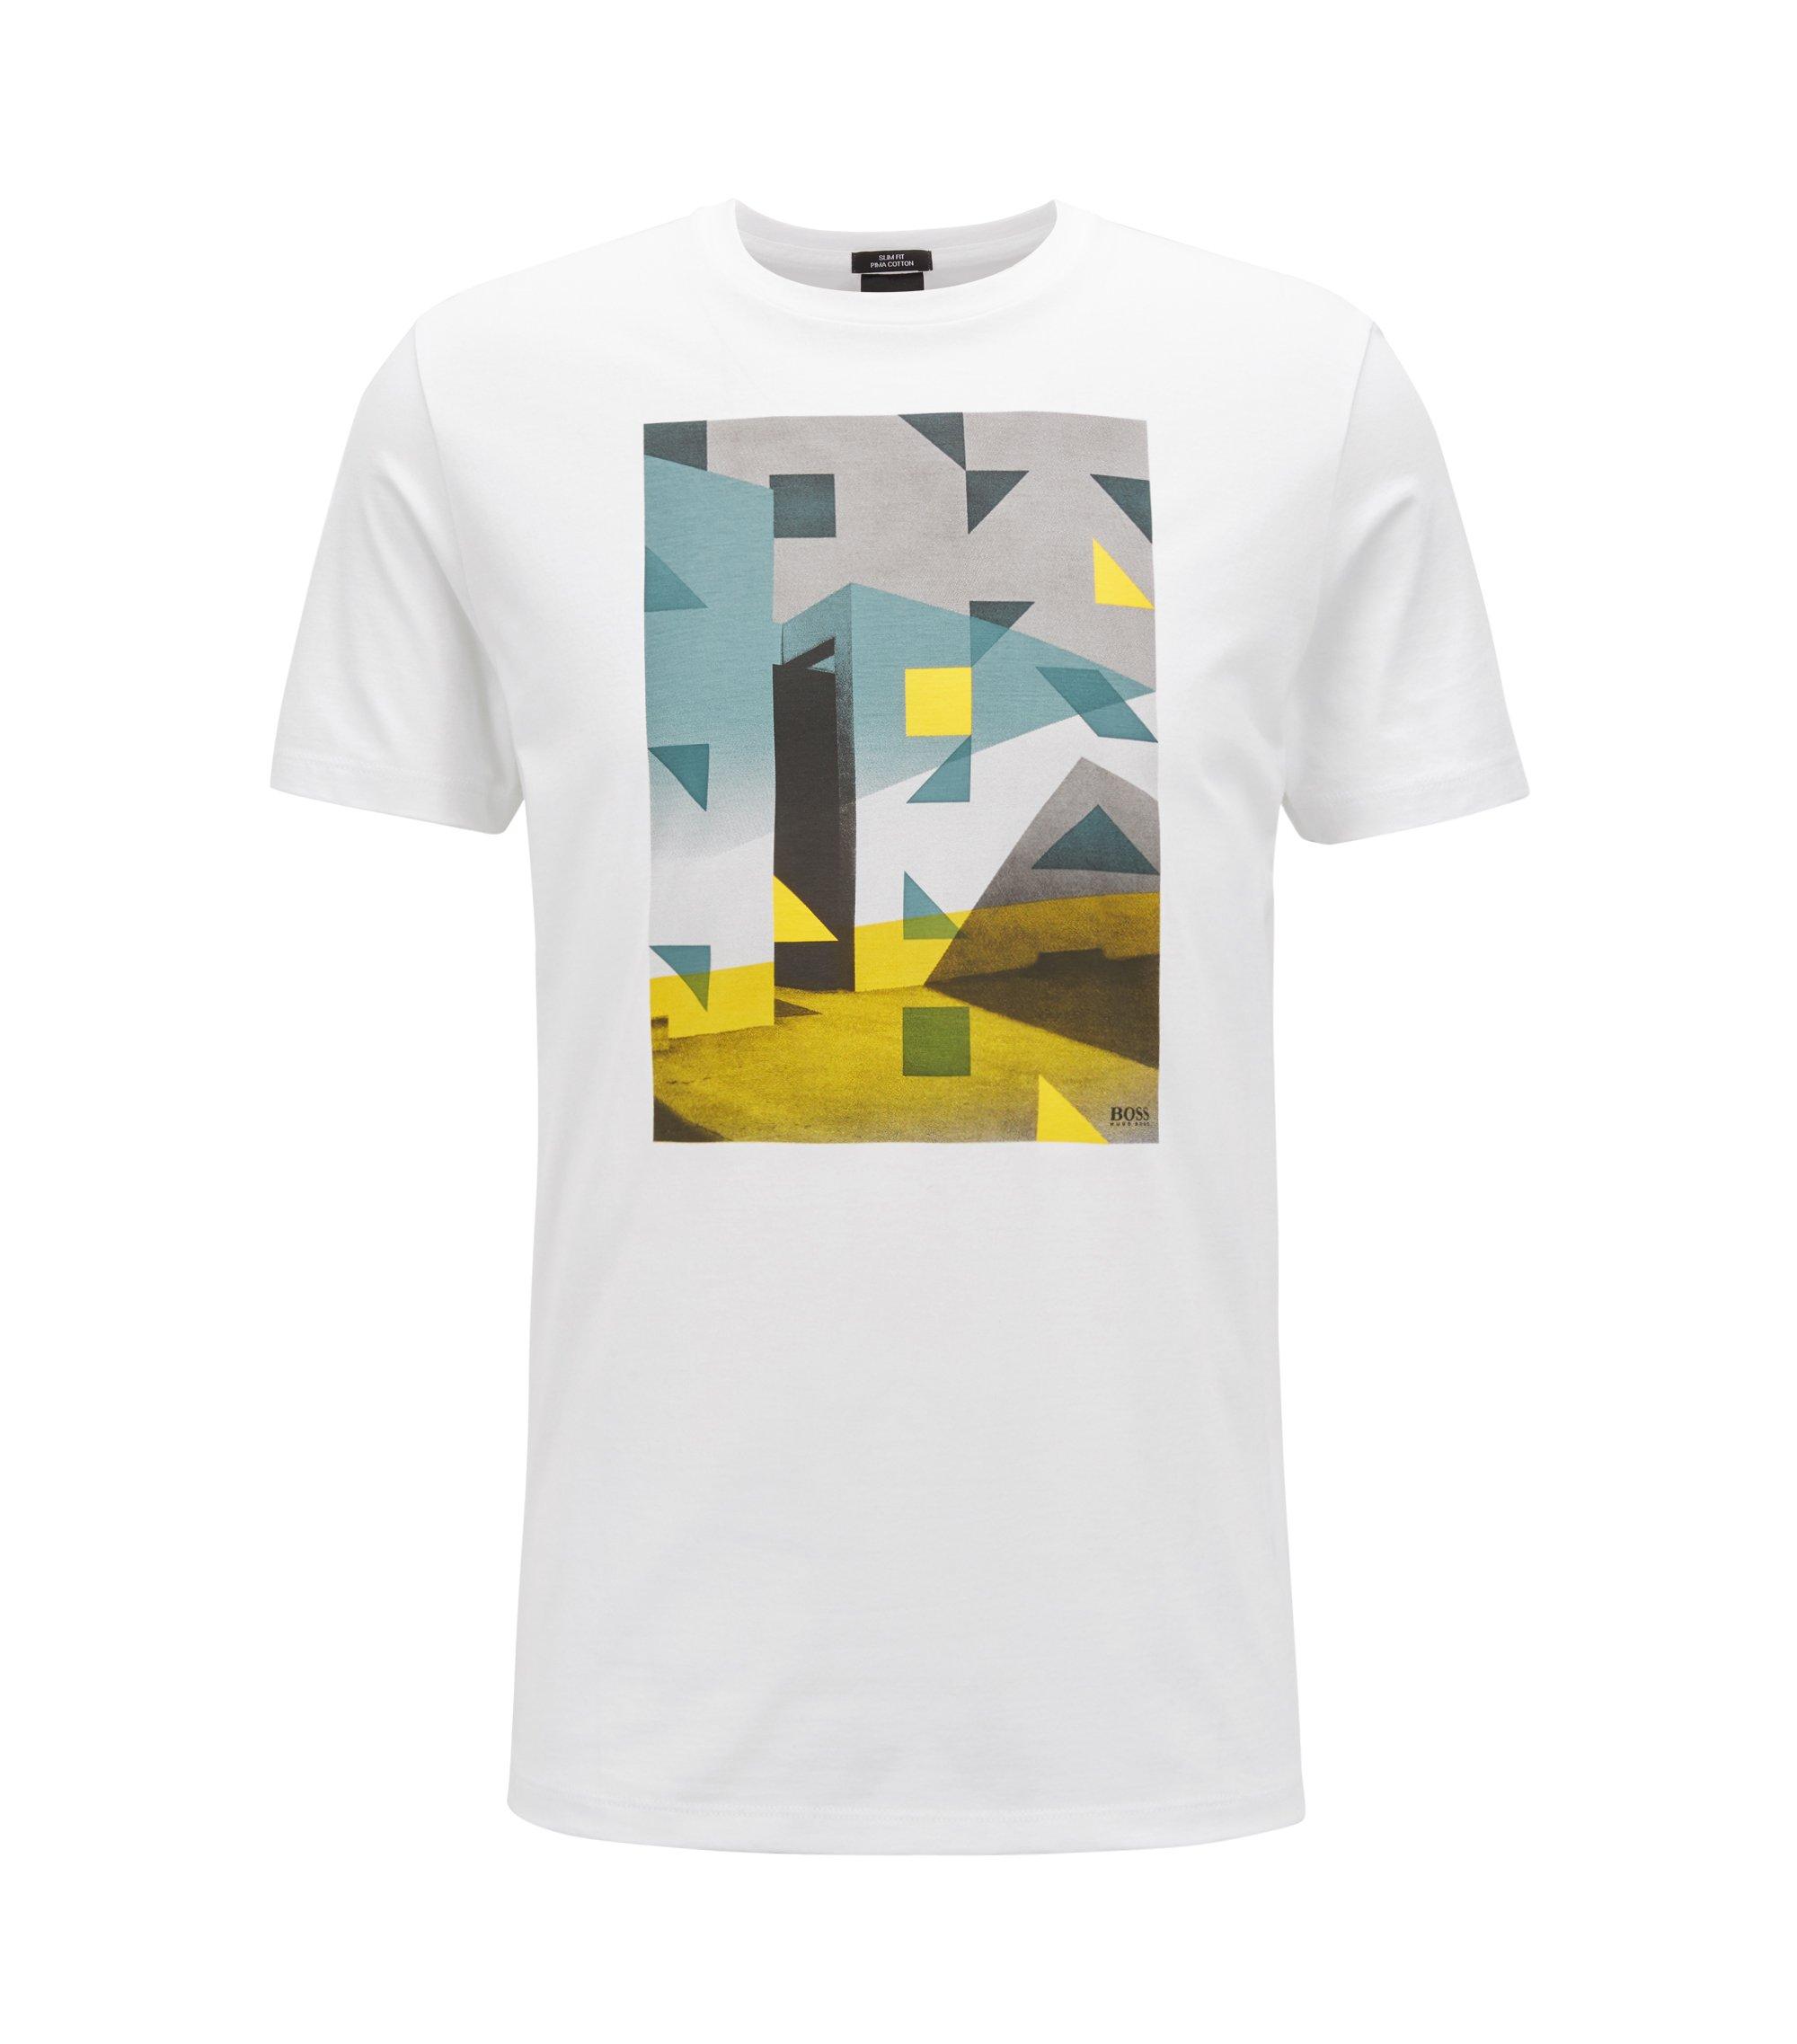 T-Shirt aus Pima-Baumwolle mit Print im Stil von Anni Albers, Weiß